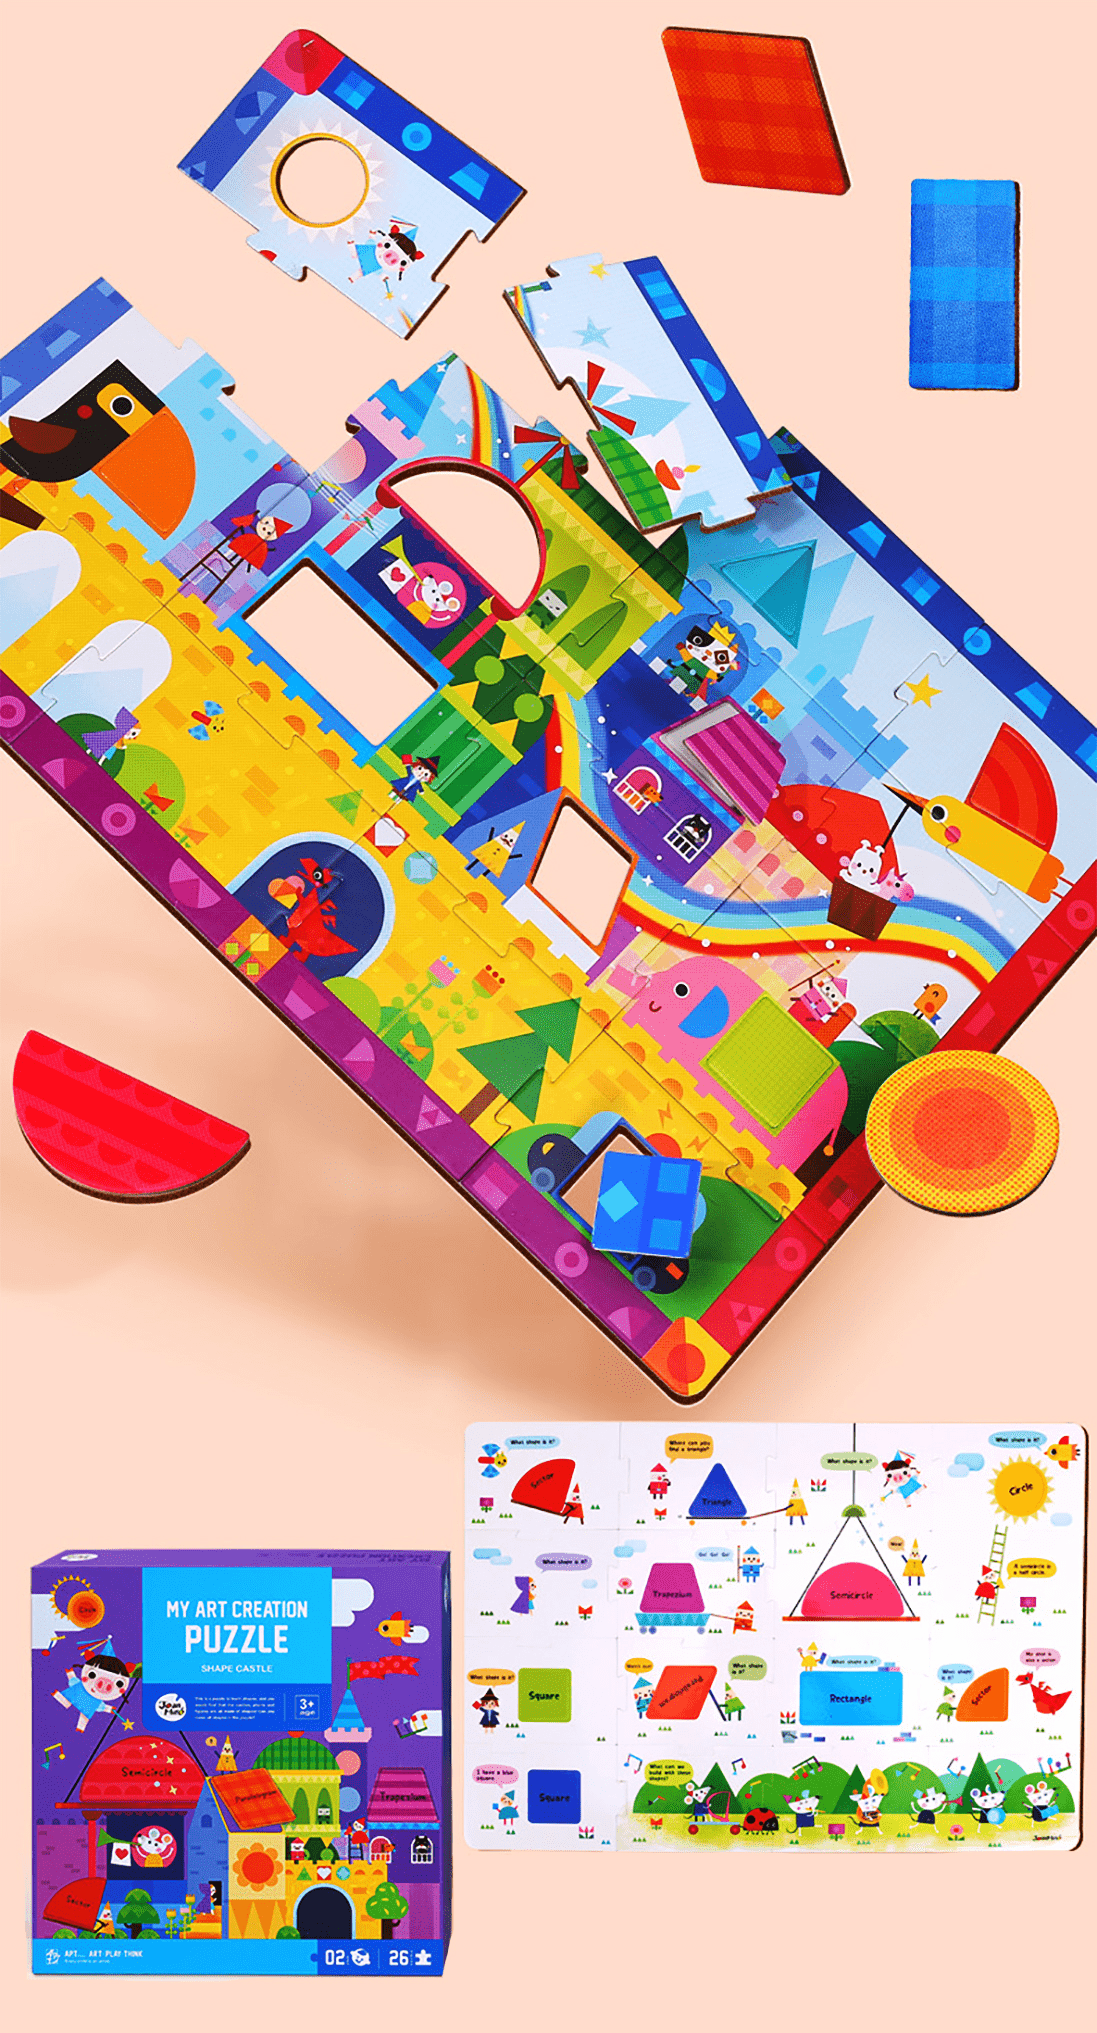 จิ๊กซอว์ชิ้นใหญ่ ชุด ปราสาทรูปทรงMy Art Creation Puzzle - Shape Castle